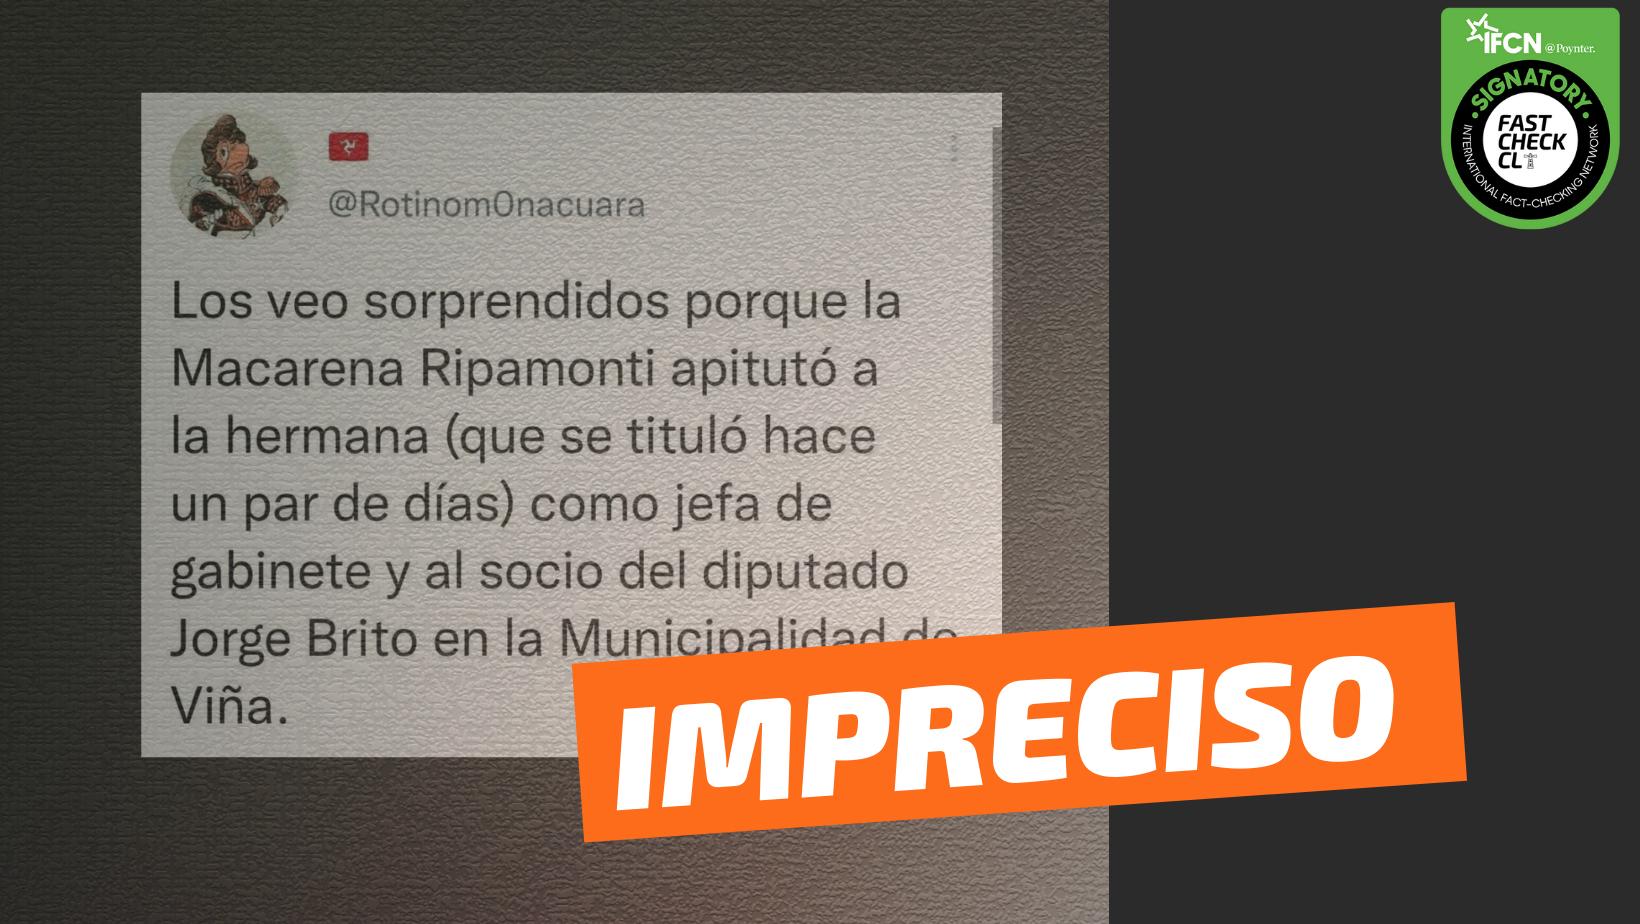 """Read more about the article """"Macarena Ripamonti apitutó a la hermana (que se tituló hace un par de días) y al socio del diputado Jorge Brito en la Municipalidad de Viña"""": #Impreciso"""